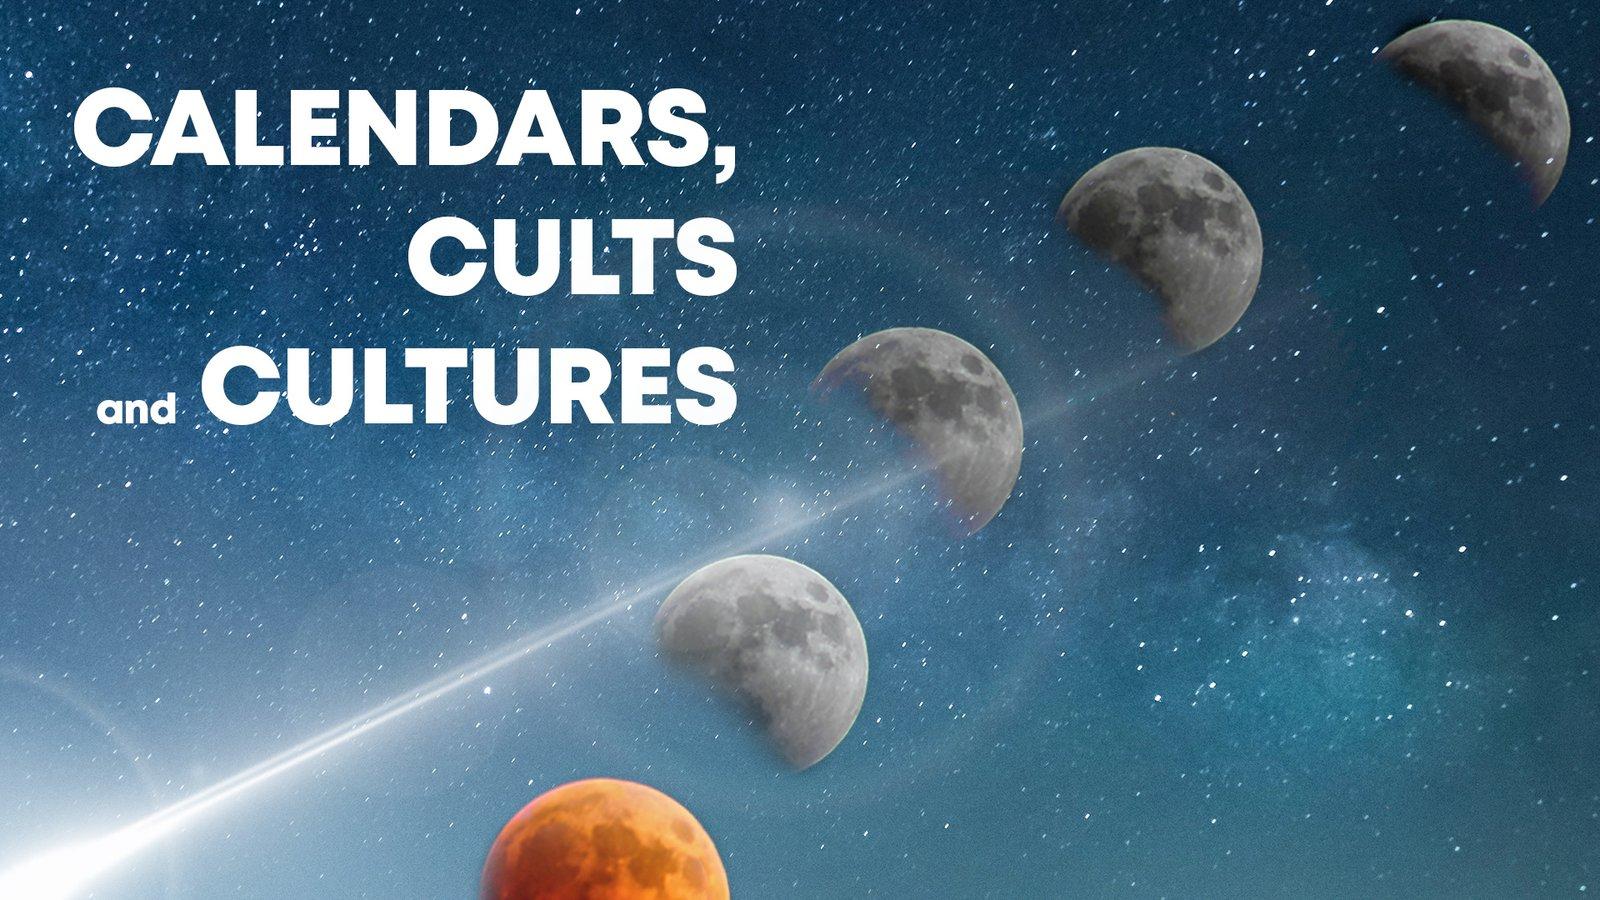 Calendars Cults and Cultures